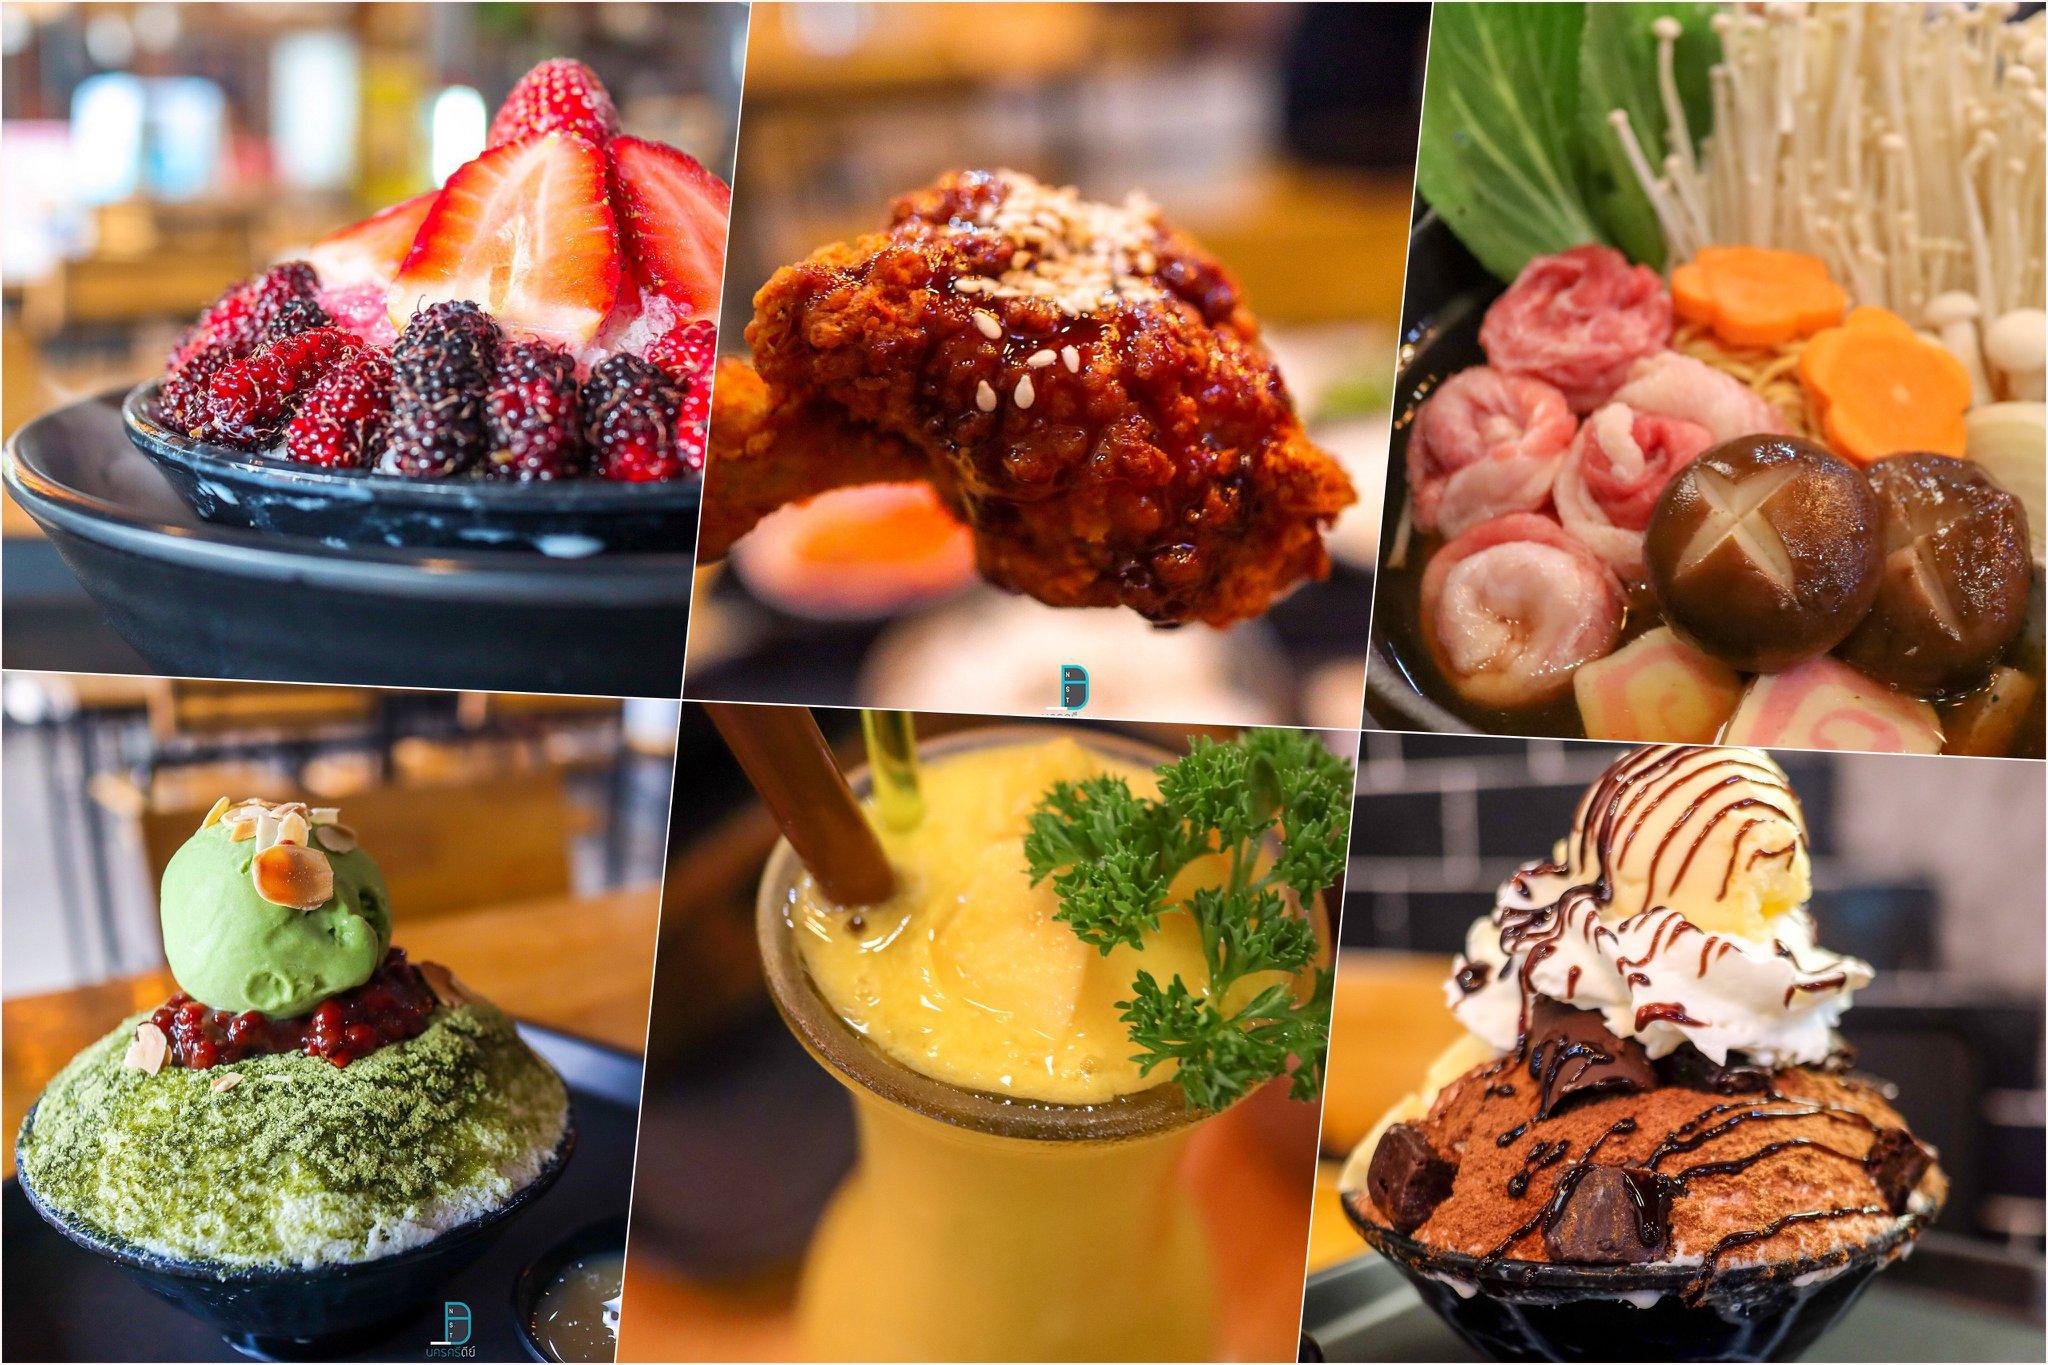 36.-Seoul-House-ร้านอาหารเกาหลี-นครศรีธรรมราช- รายละเอียด-คลิก แหล่งท่องเที่ยว,นครศรี,จุดเช็คอิน,จุดถ่ายรูป,คาเฟ่,ของกิน,จุดกิน